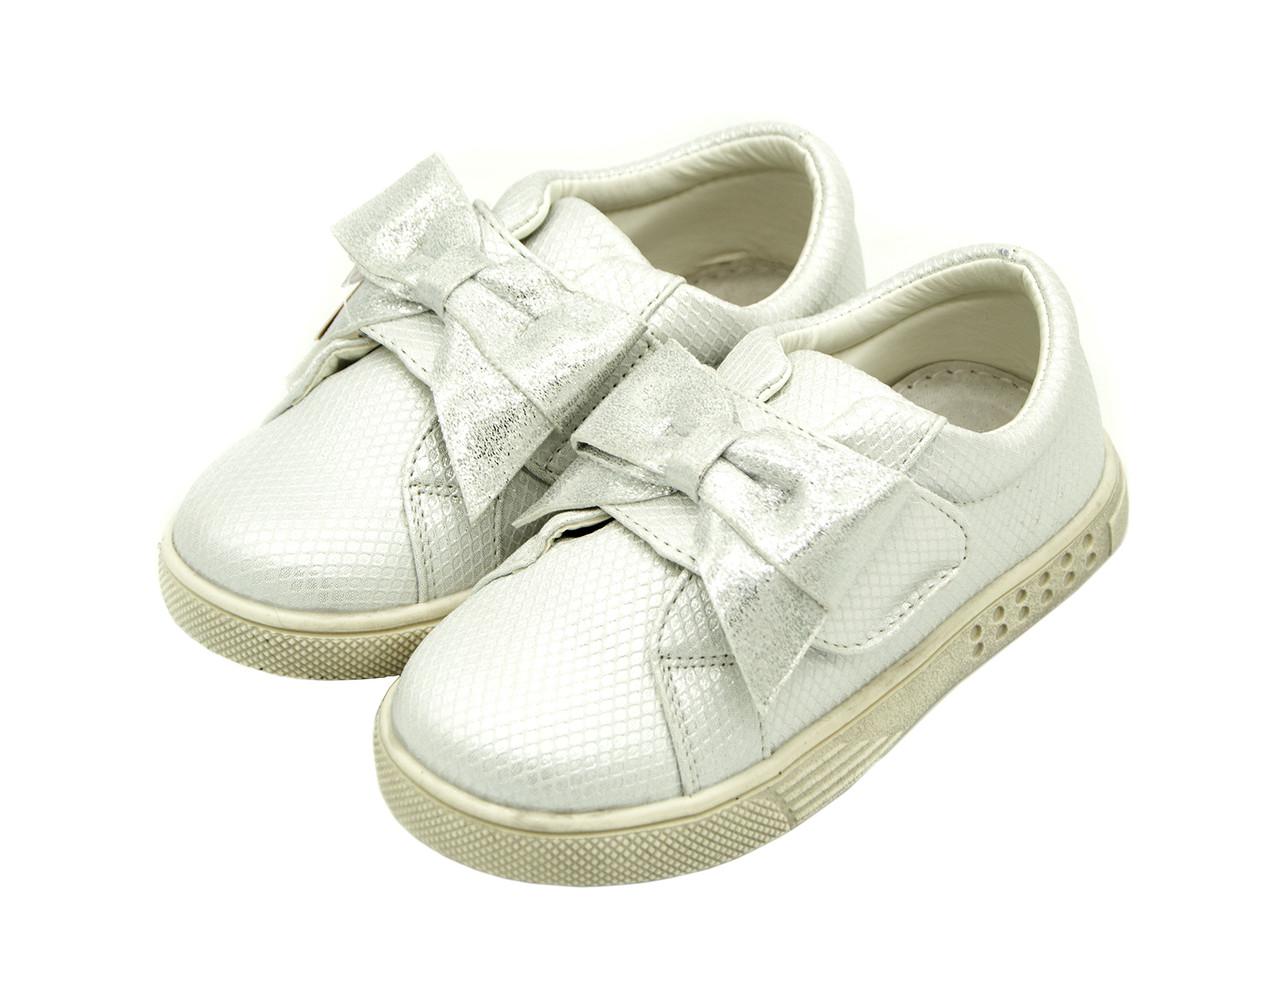 Кроссовки для девочки 30 розмір-19 см